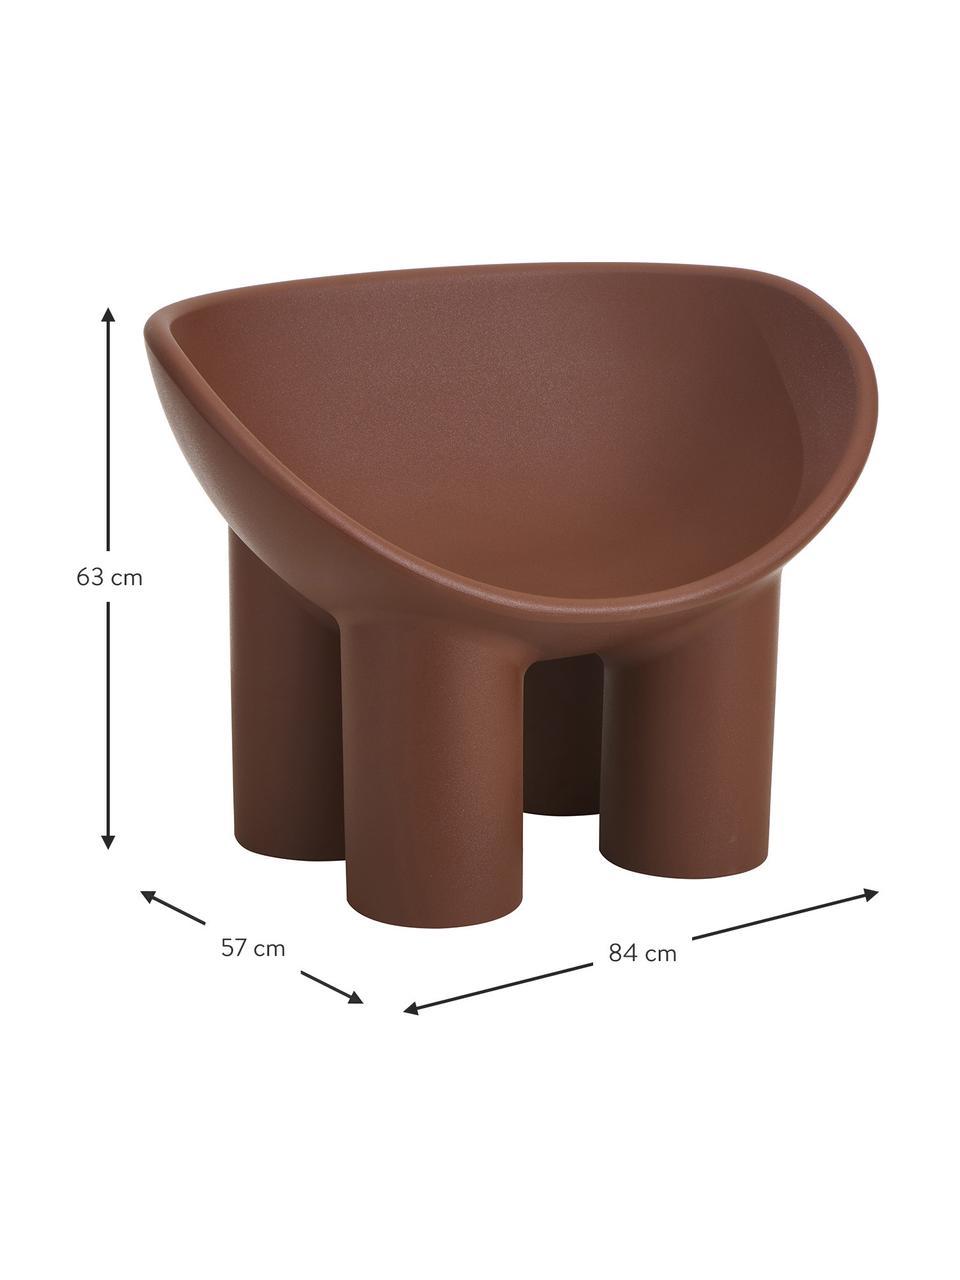 Poltrona di design marrone Roly Poly, Polietilene, prodotto in un processo di stampaggio rotazionale, Marrone, Larg. 84 x Prof. 57 cm